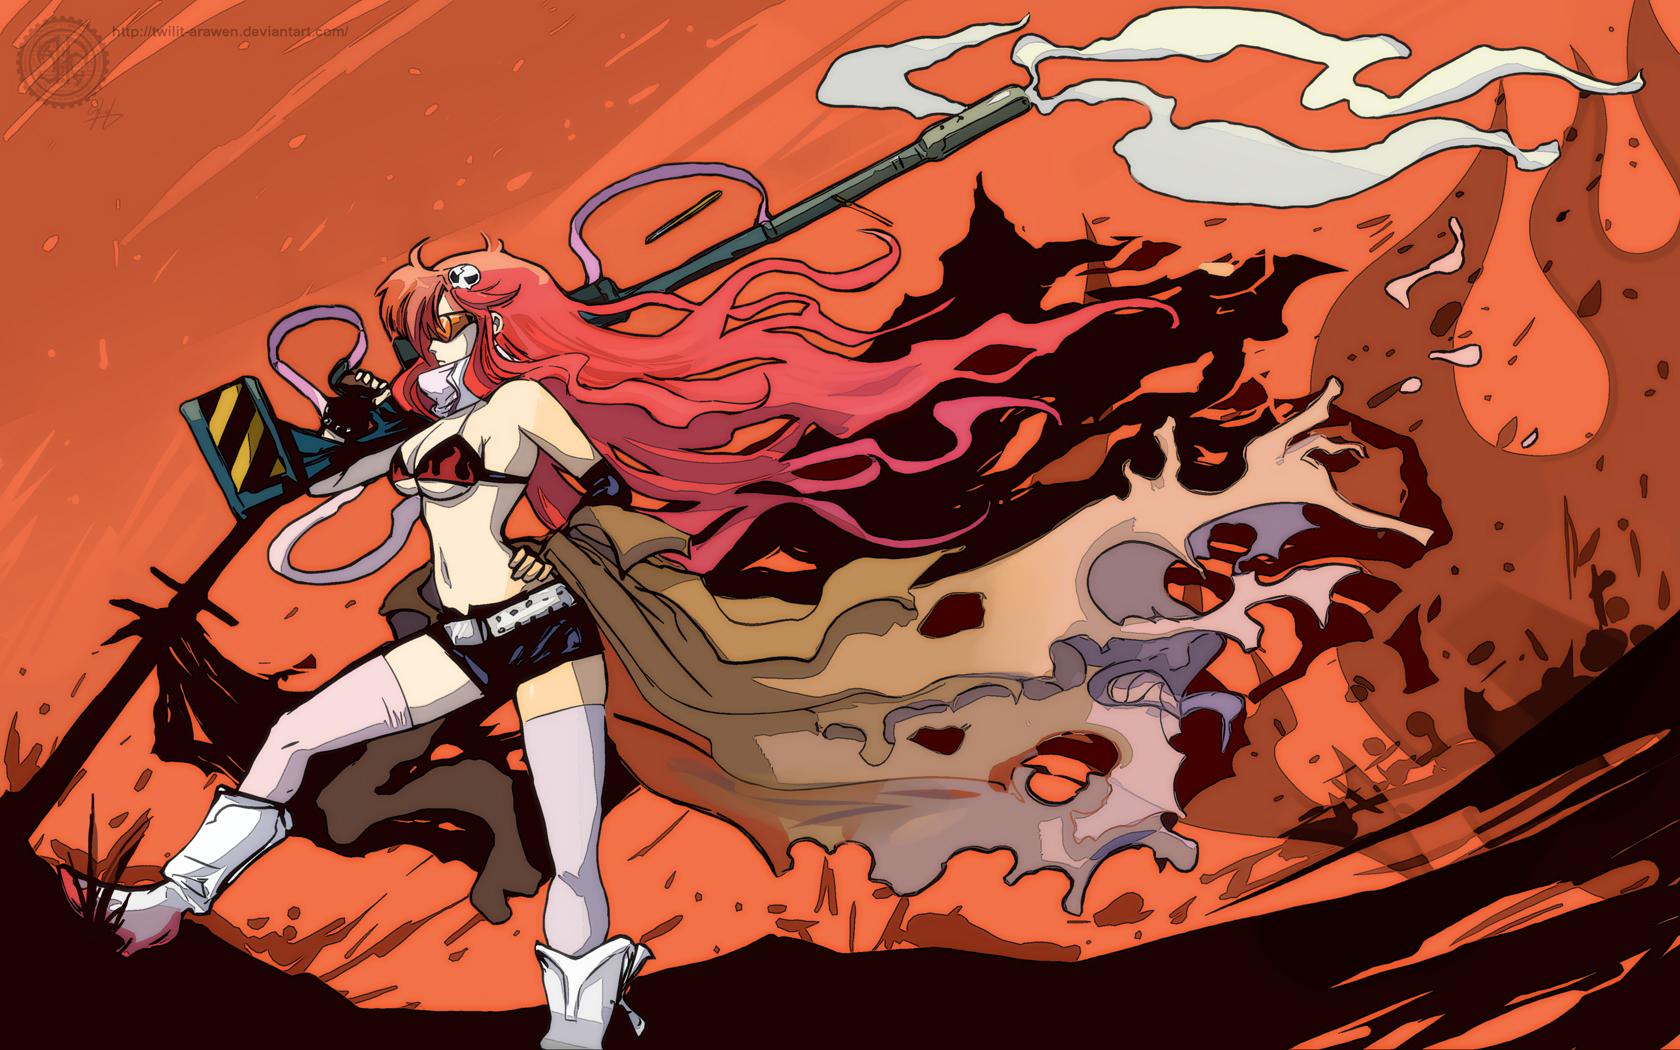 Yoko Quickie Wallpaper by Twilit-Arawen on DeviantArt